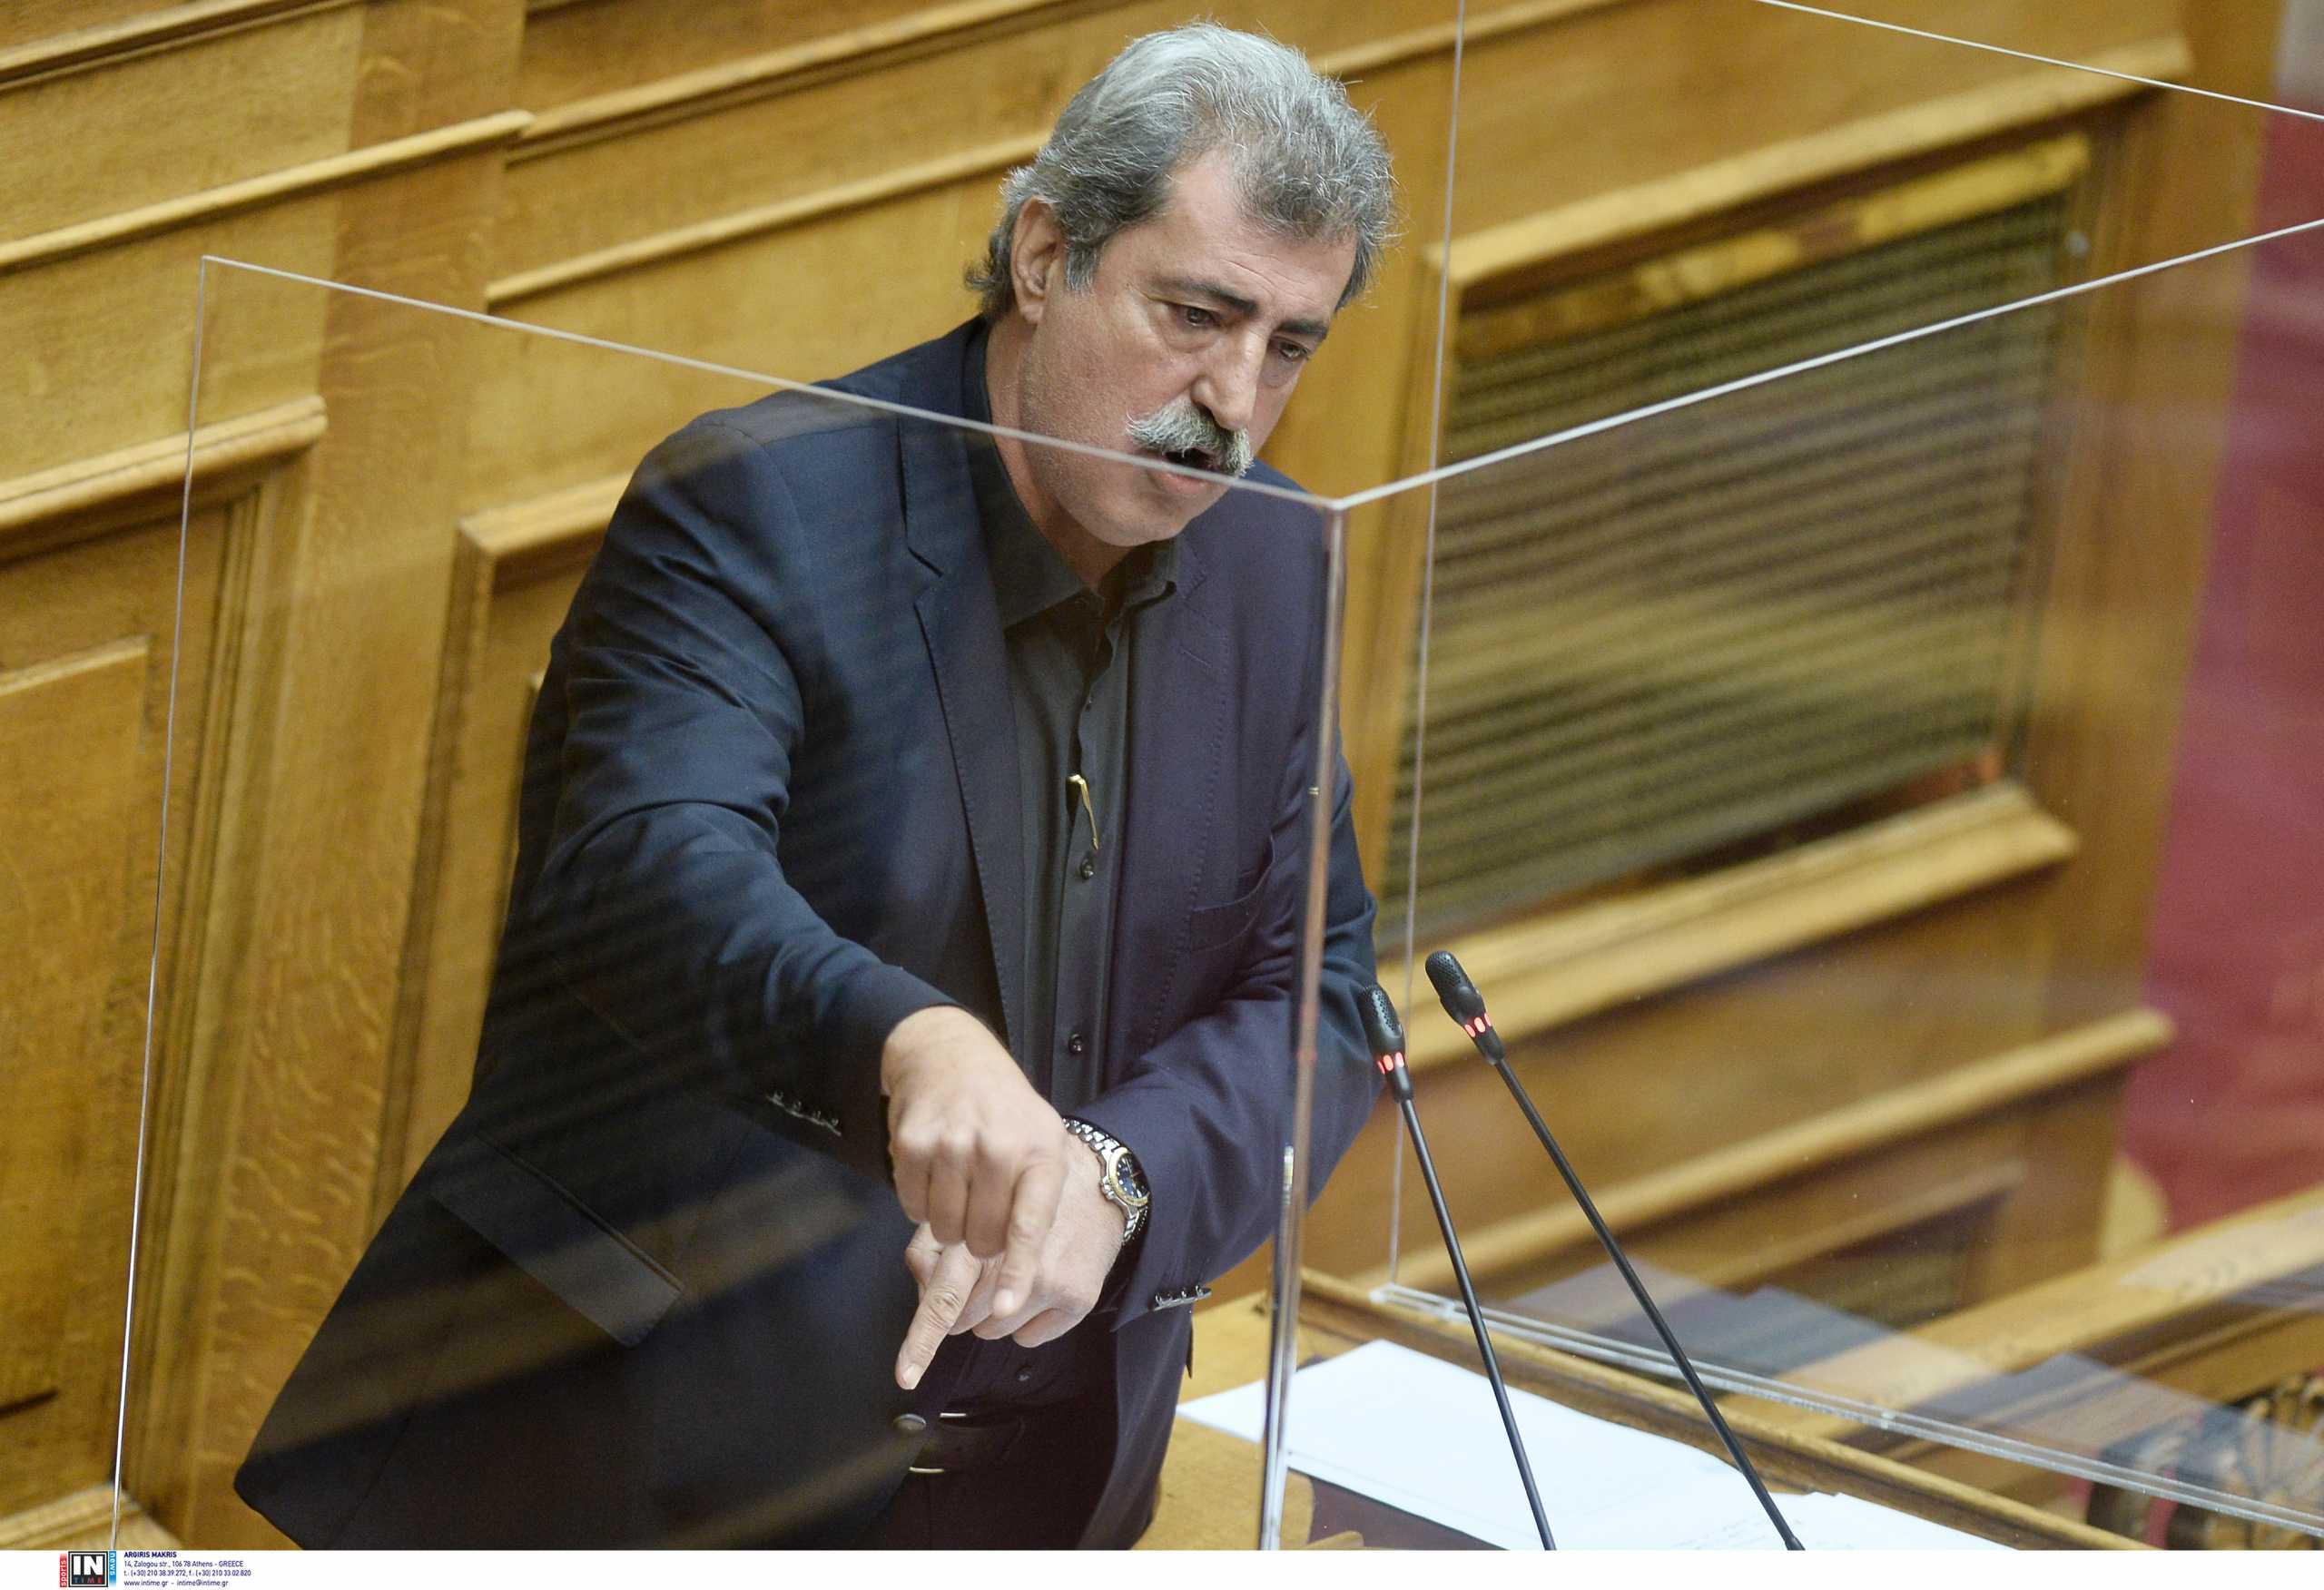 Παύλος Πολάκης: Άρση ασυλίας του για εξύβριση και συκοφαντική δυσφήμιση του Στουρνάρα